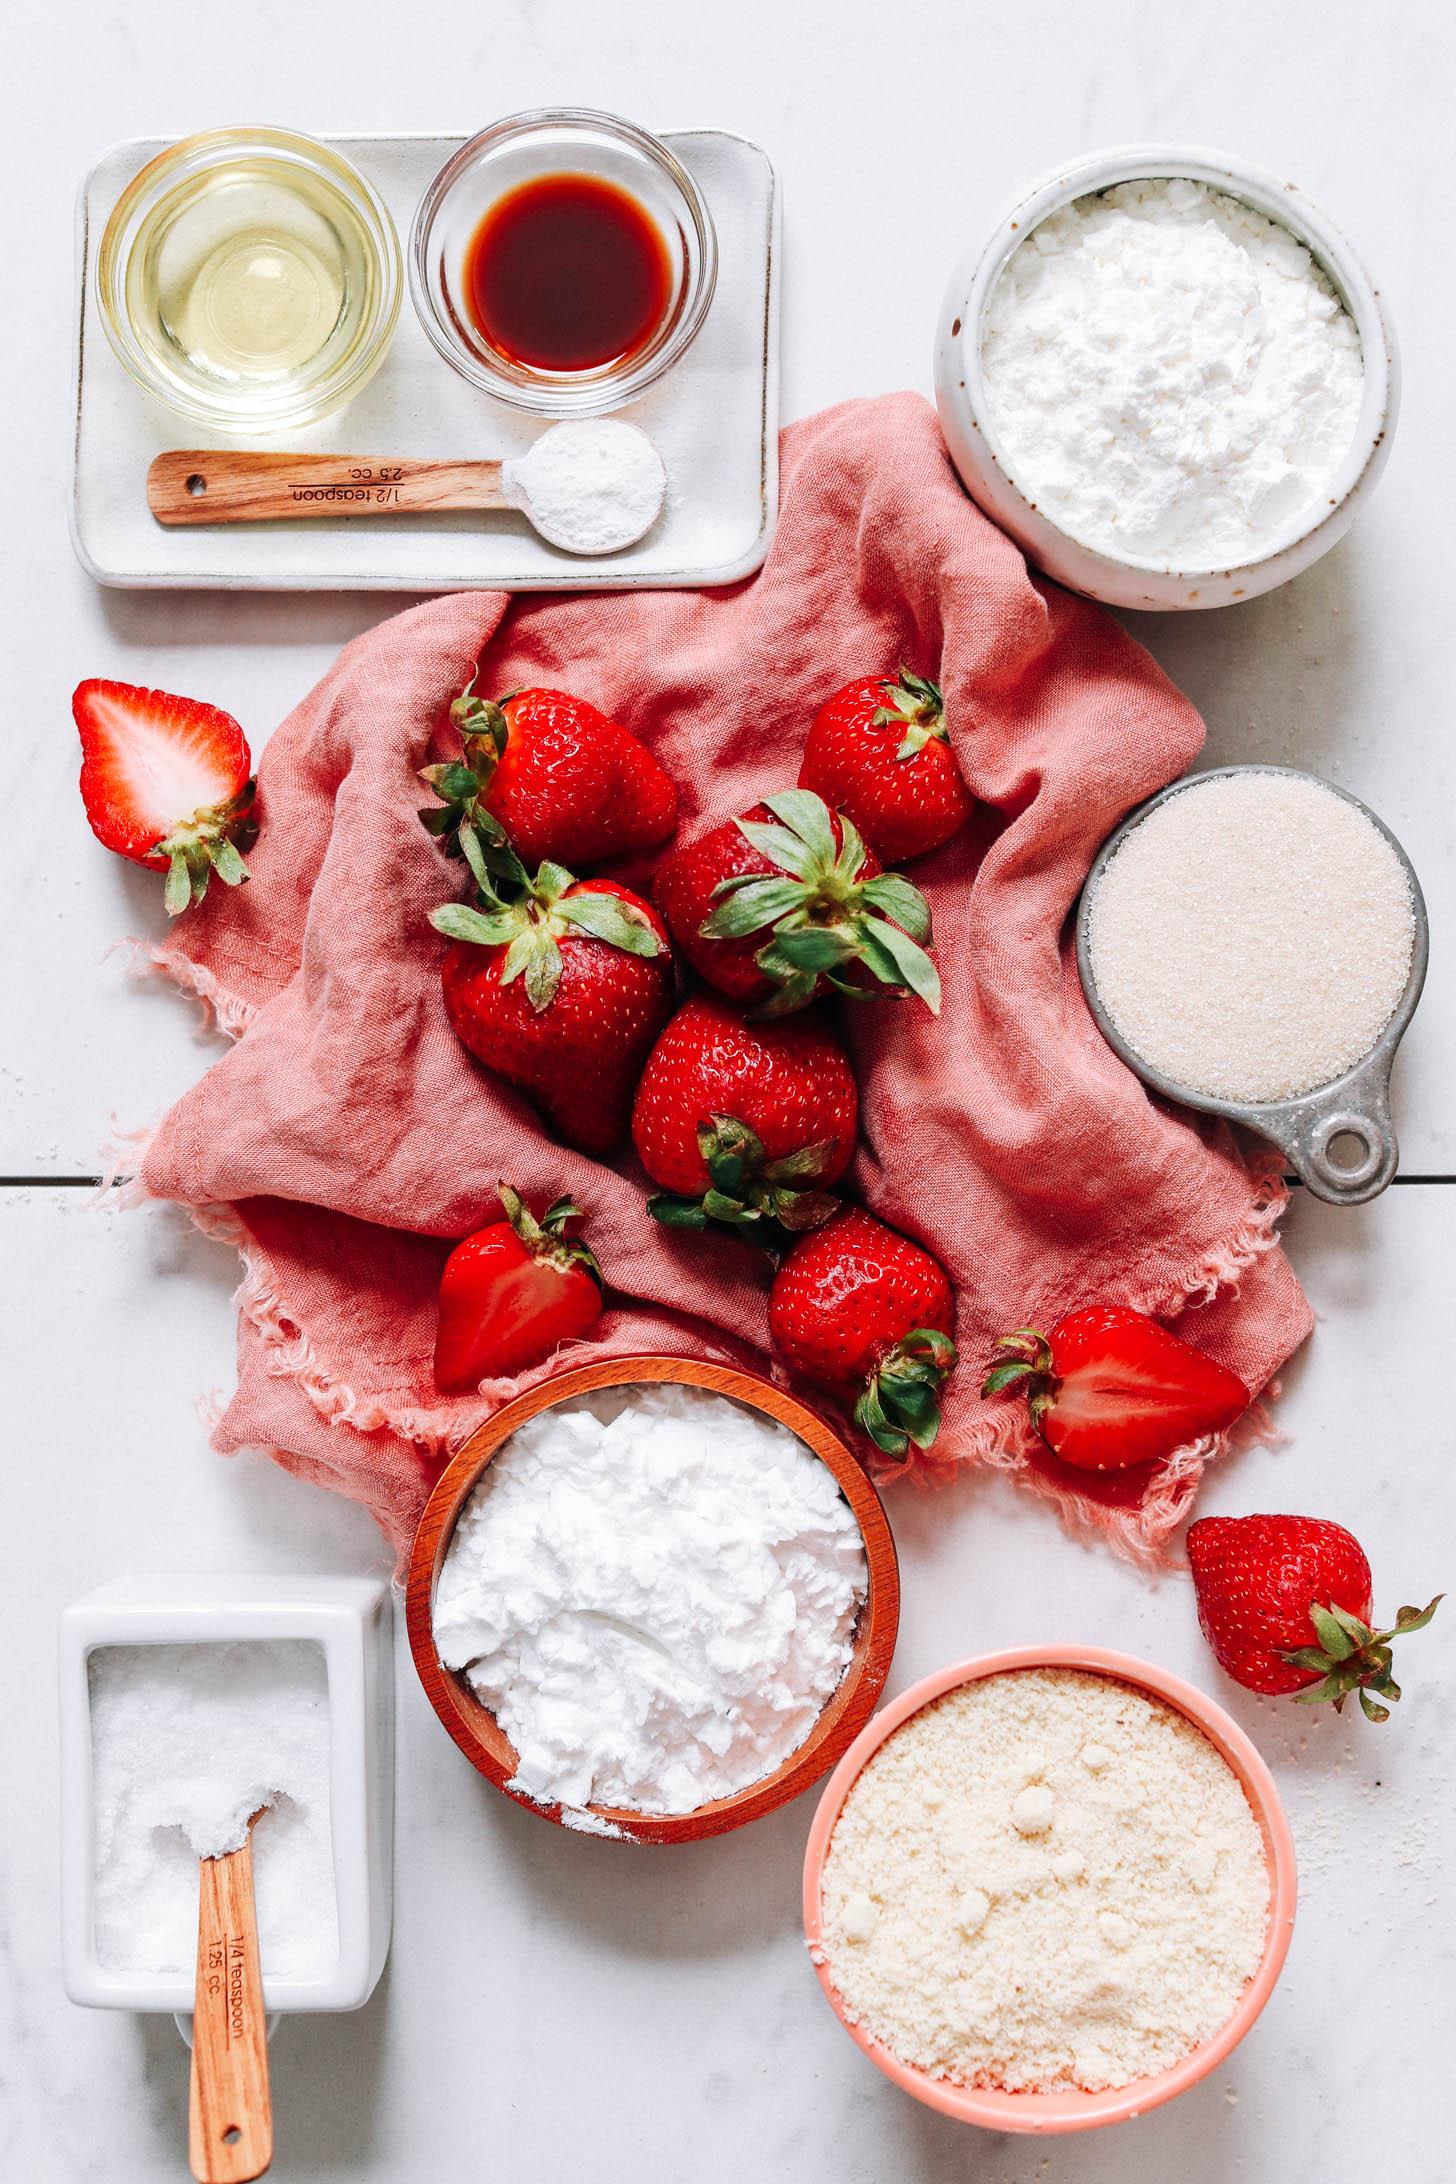 Avokádóolaj, vanília, eper, sütőpor, burgonyakeményítő, nádcukor, só és mandulaliszt